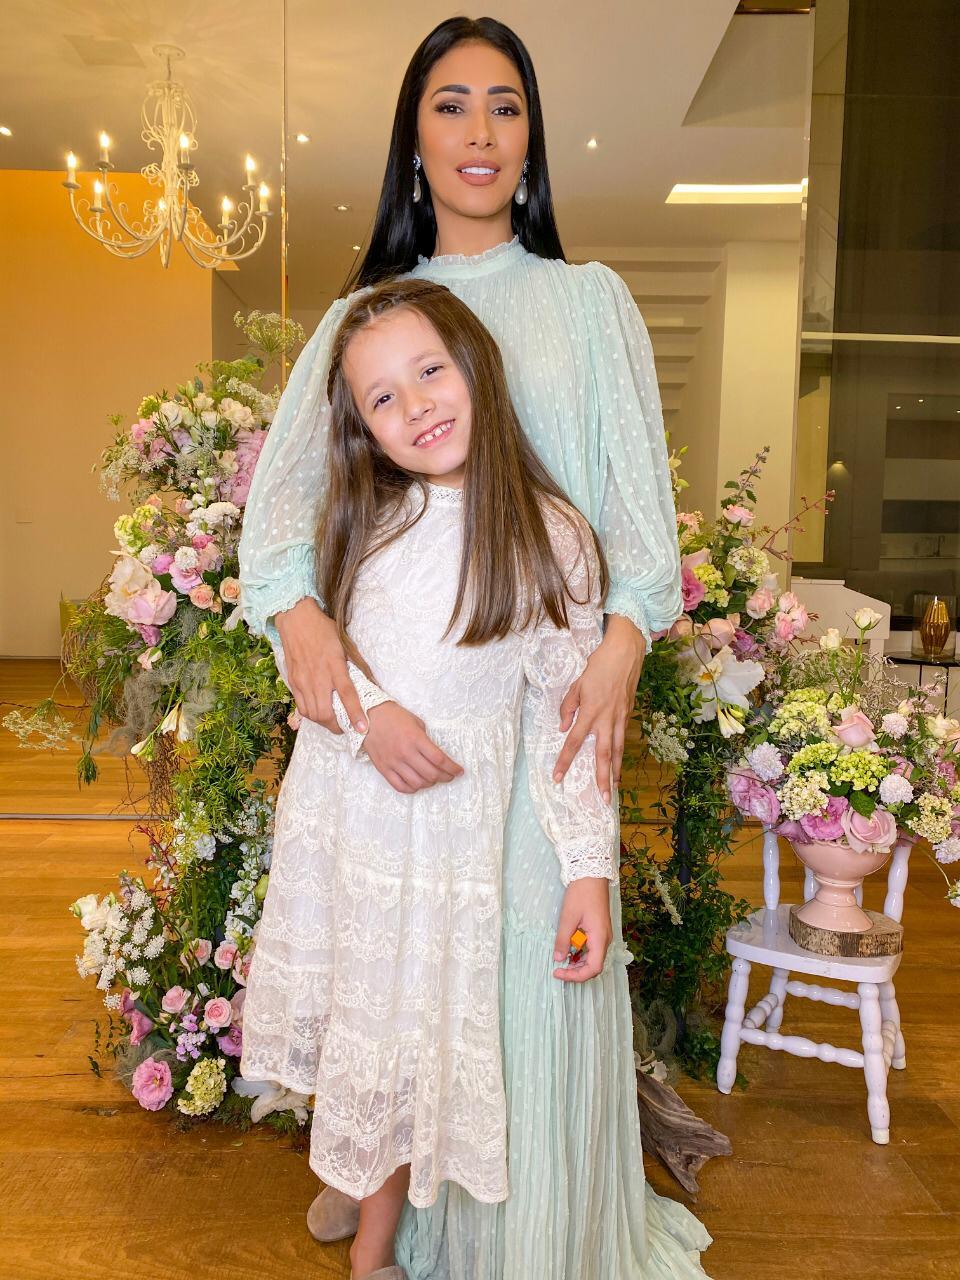 Simaria comemora o aniversário da filha com festa em casa